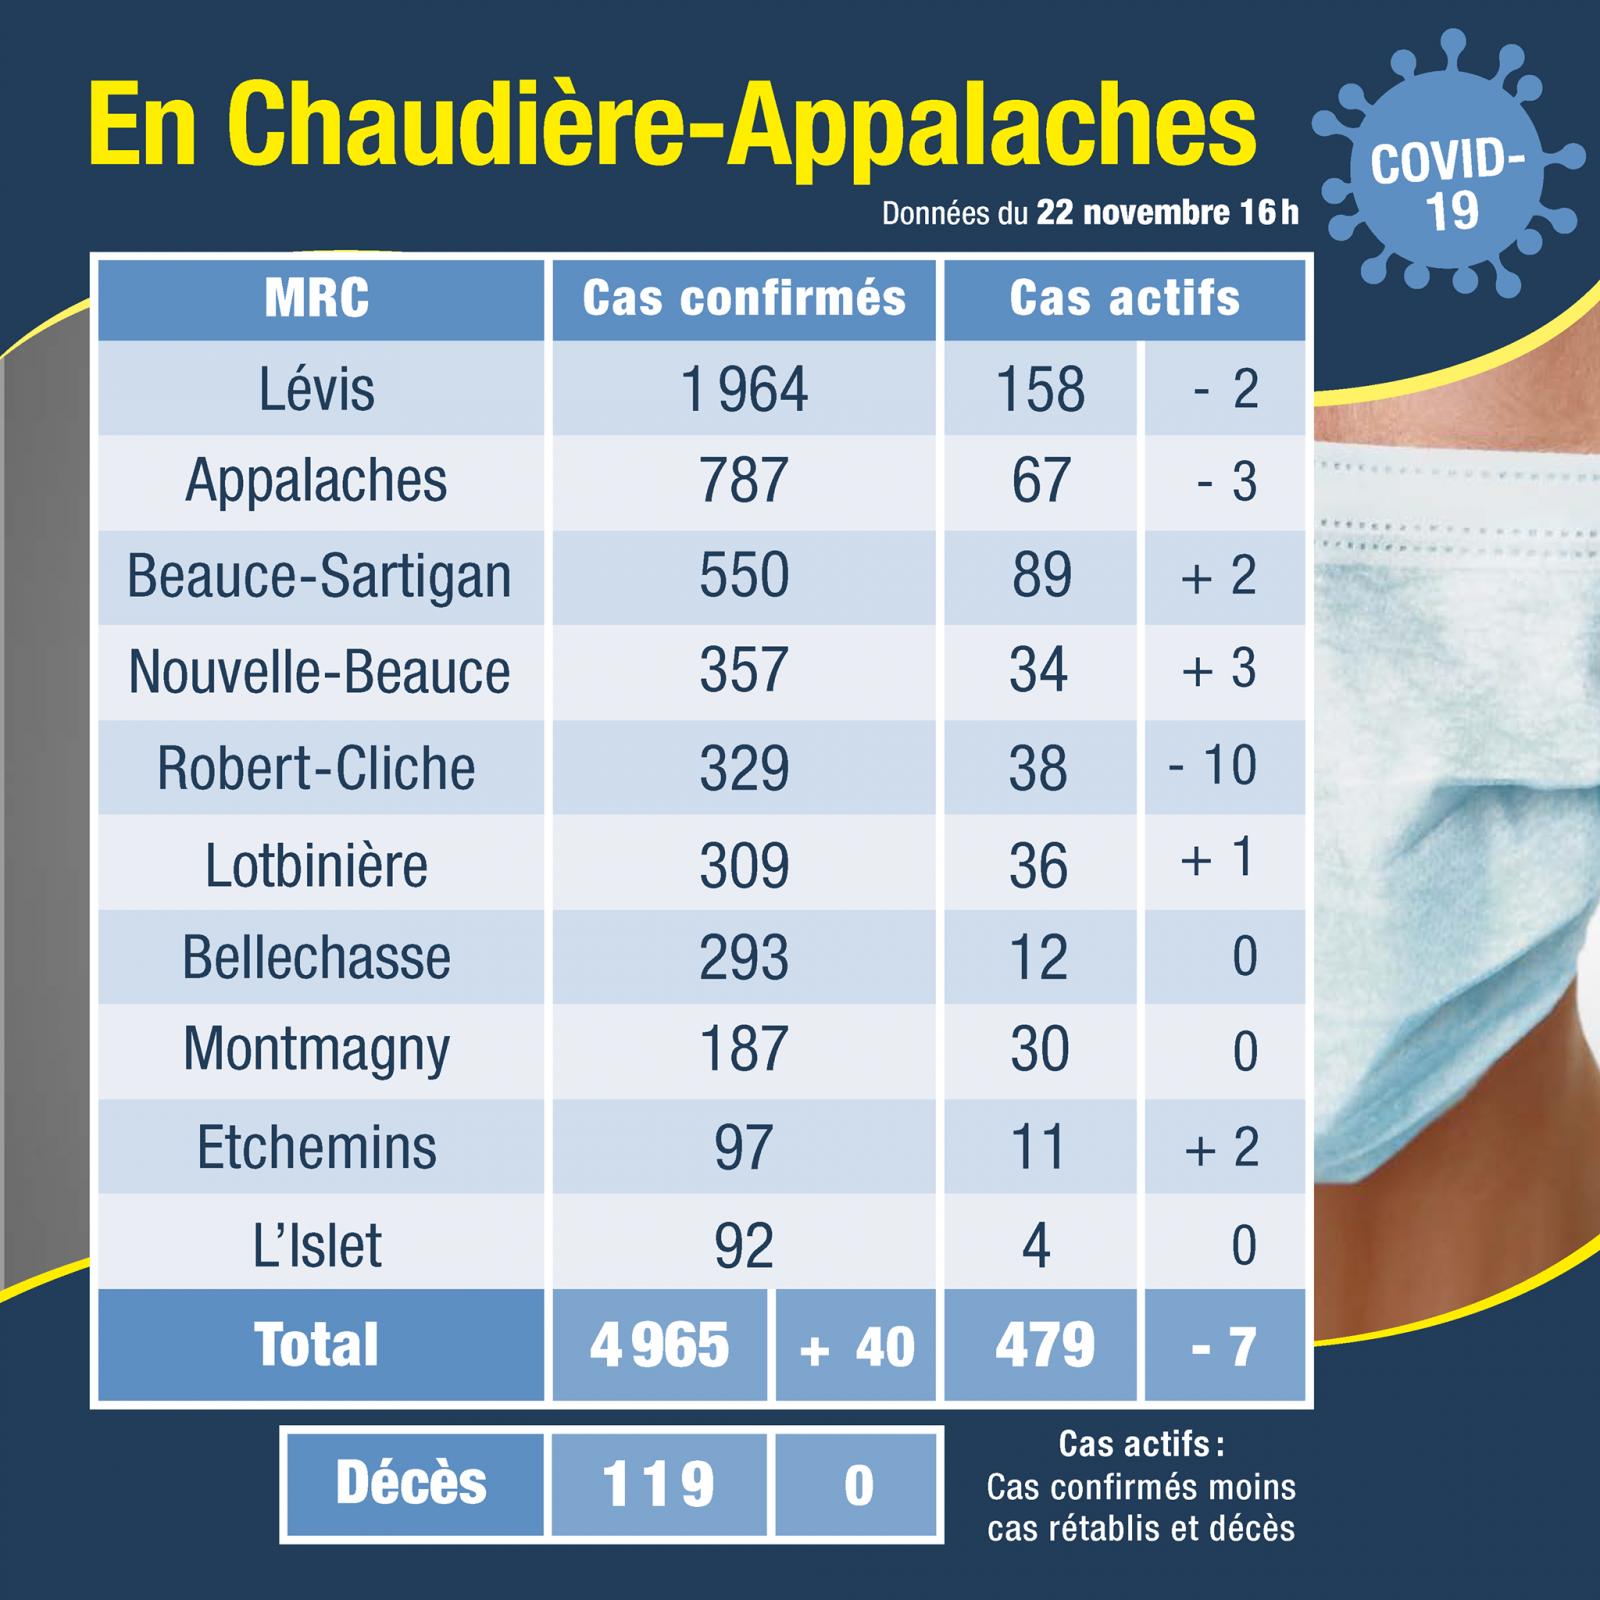 40 cas confirmés pour Chaudière-Appalaches